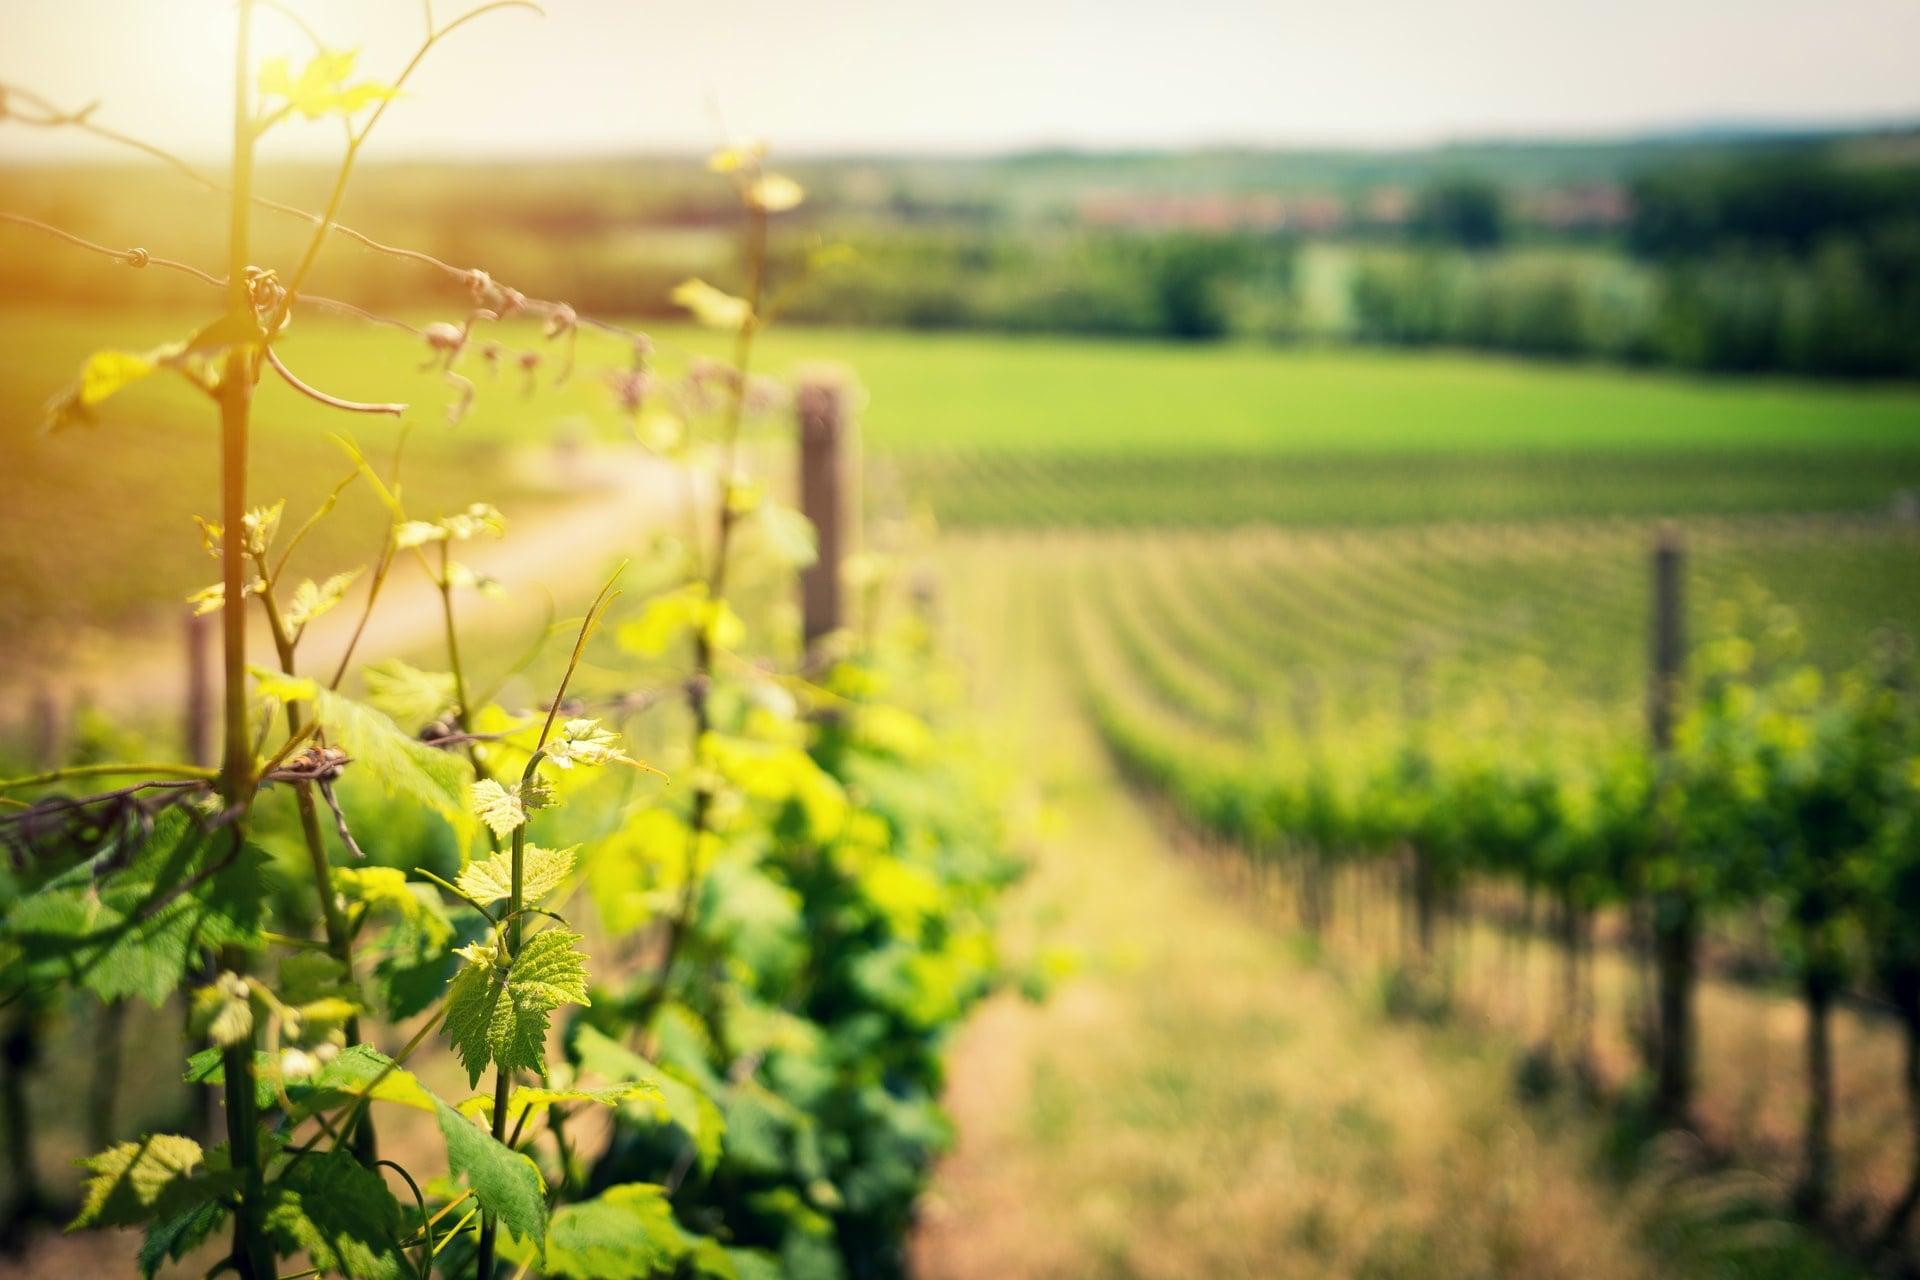 tuscany-wine-growing-areas-min